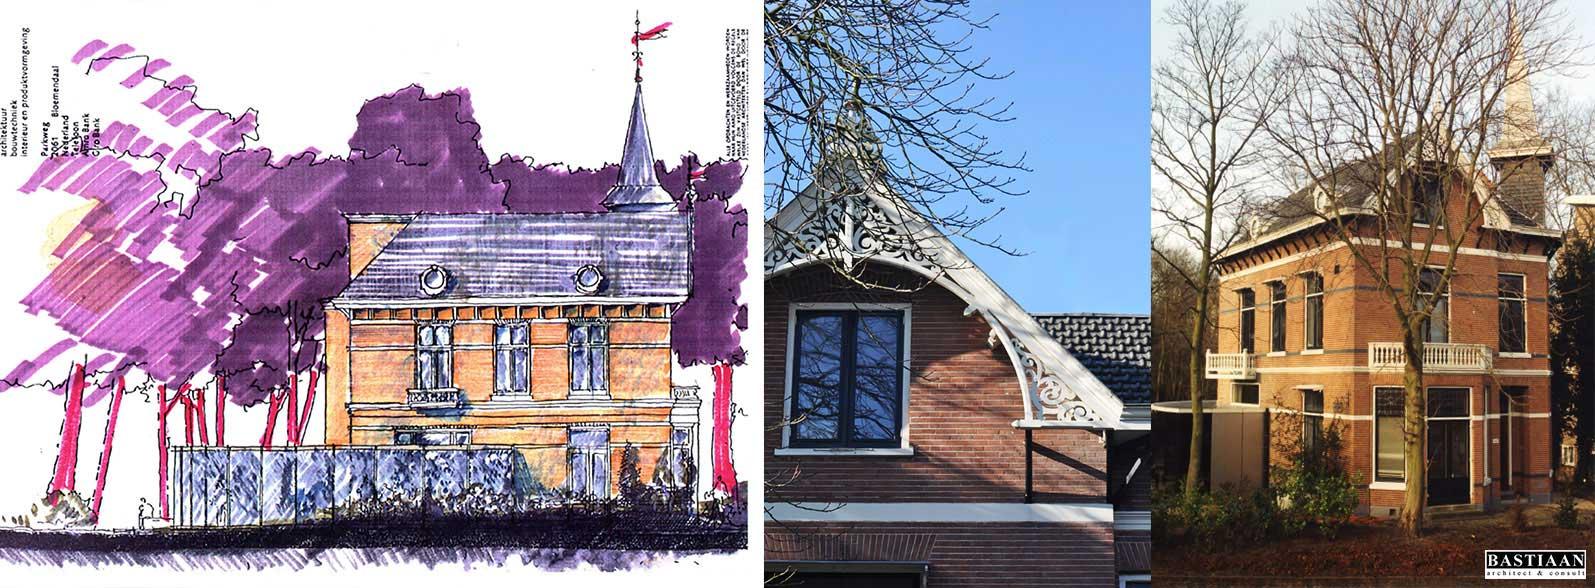 het grote woonhuisarchitectuur | renovatie | nieuwbouw